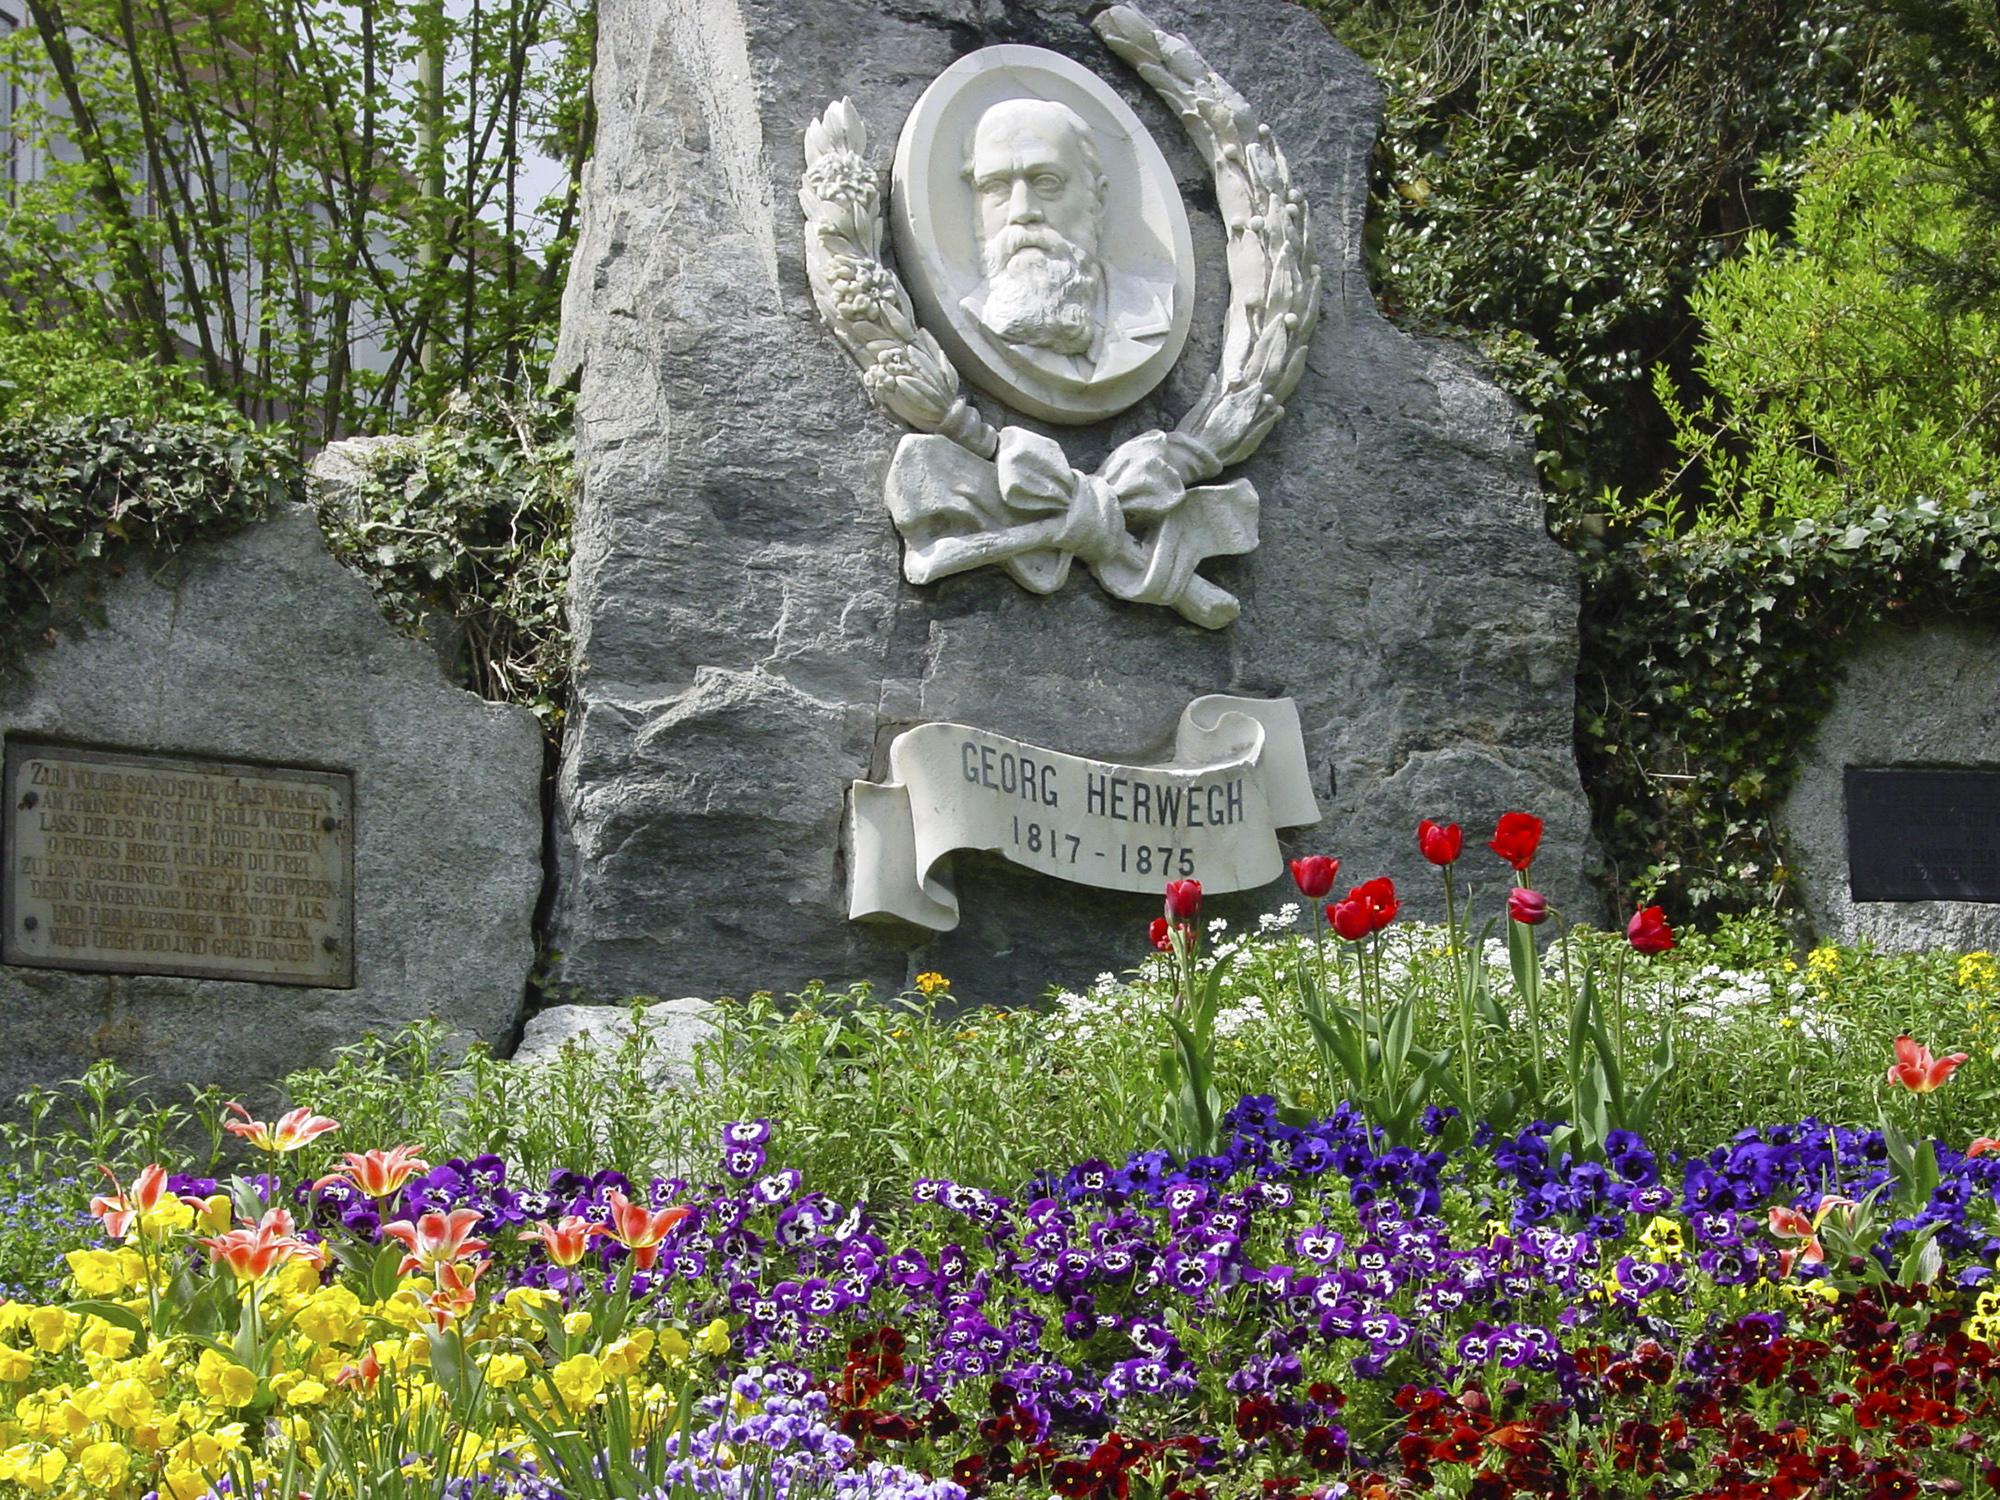 Zu den vielen barttragenden Freiheitsmännern des 19. Jahrhunderts gehörte auch Georg Herwegh, an den ein Denkmal in Liestal erinnert.